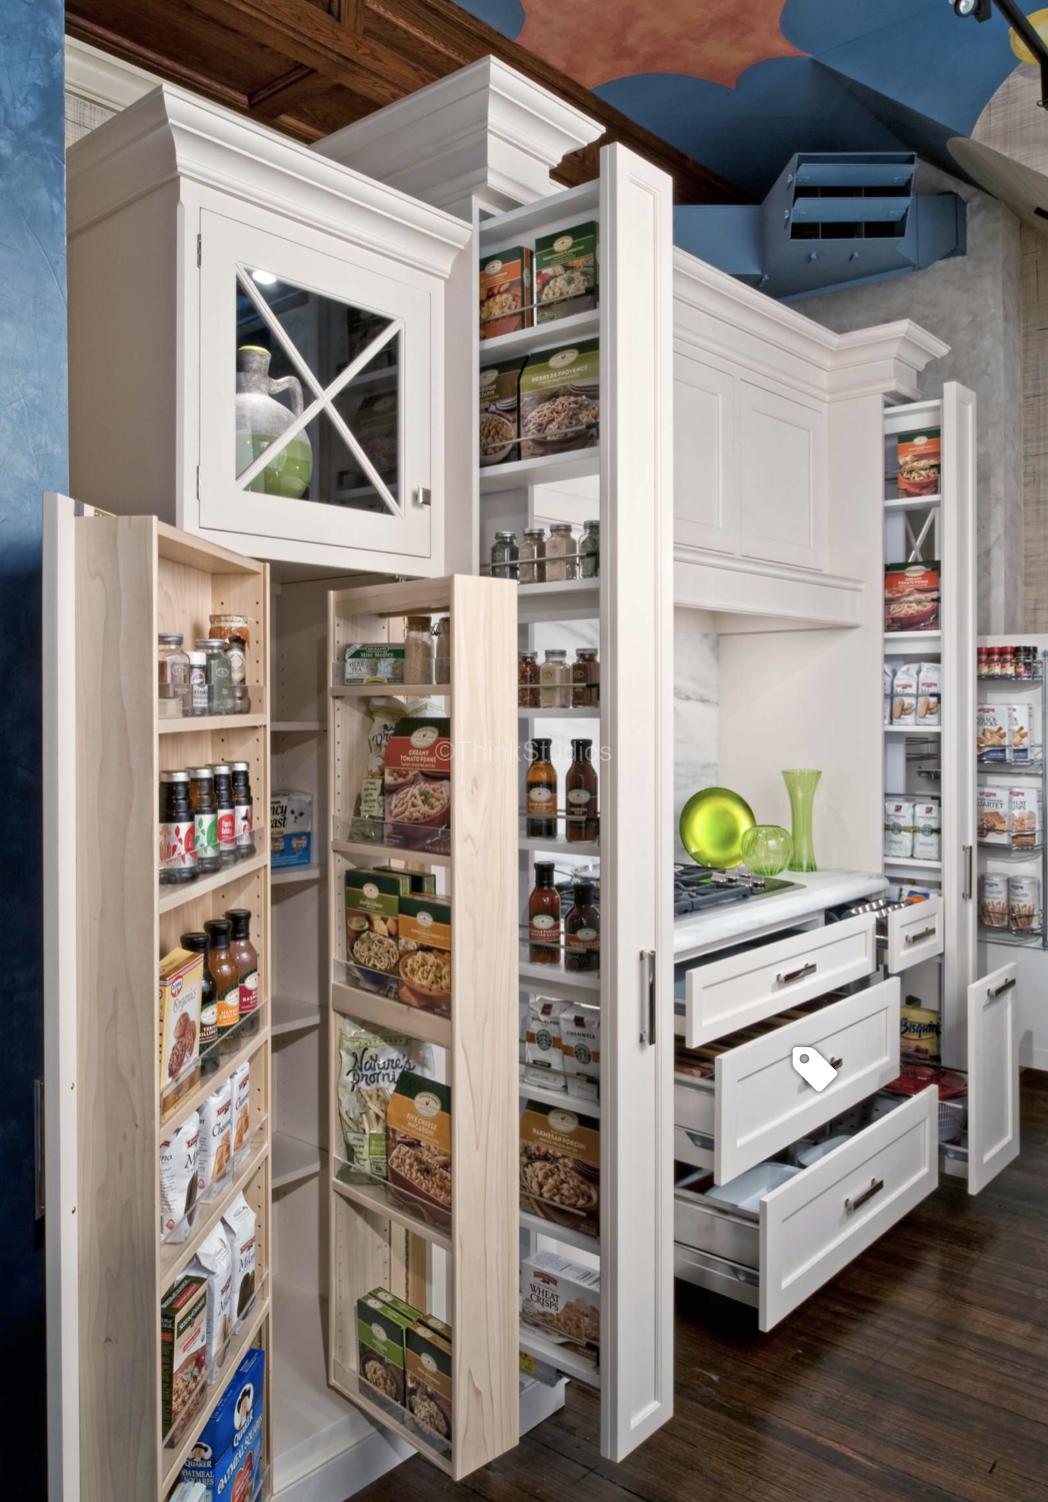 Wooden kitchen storage